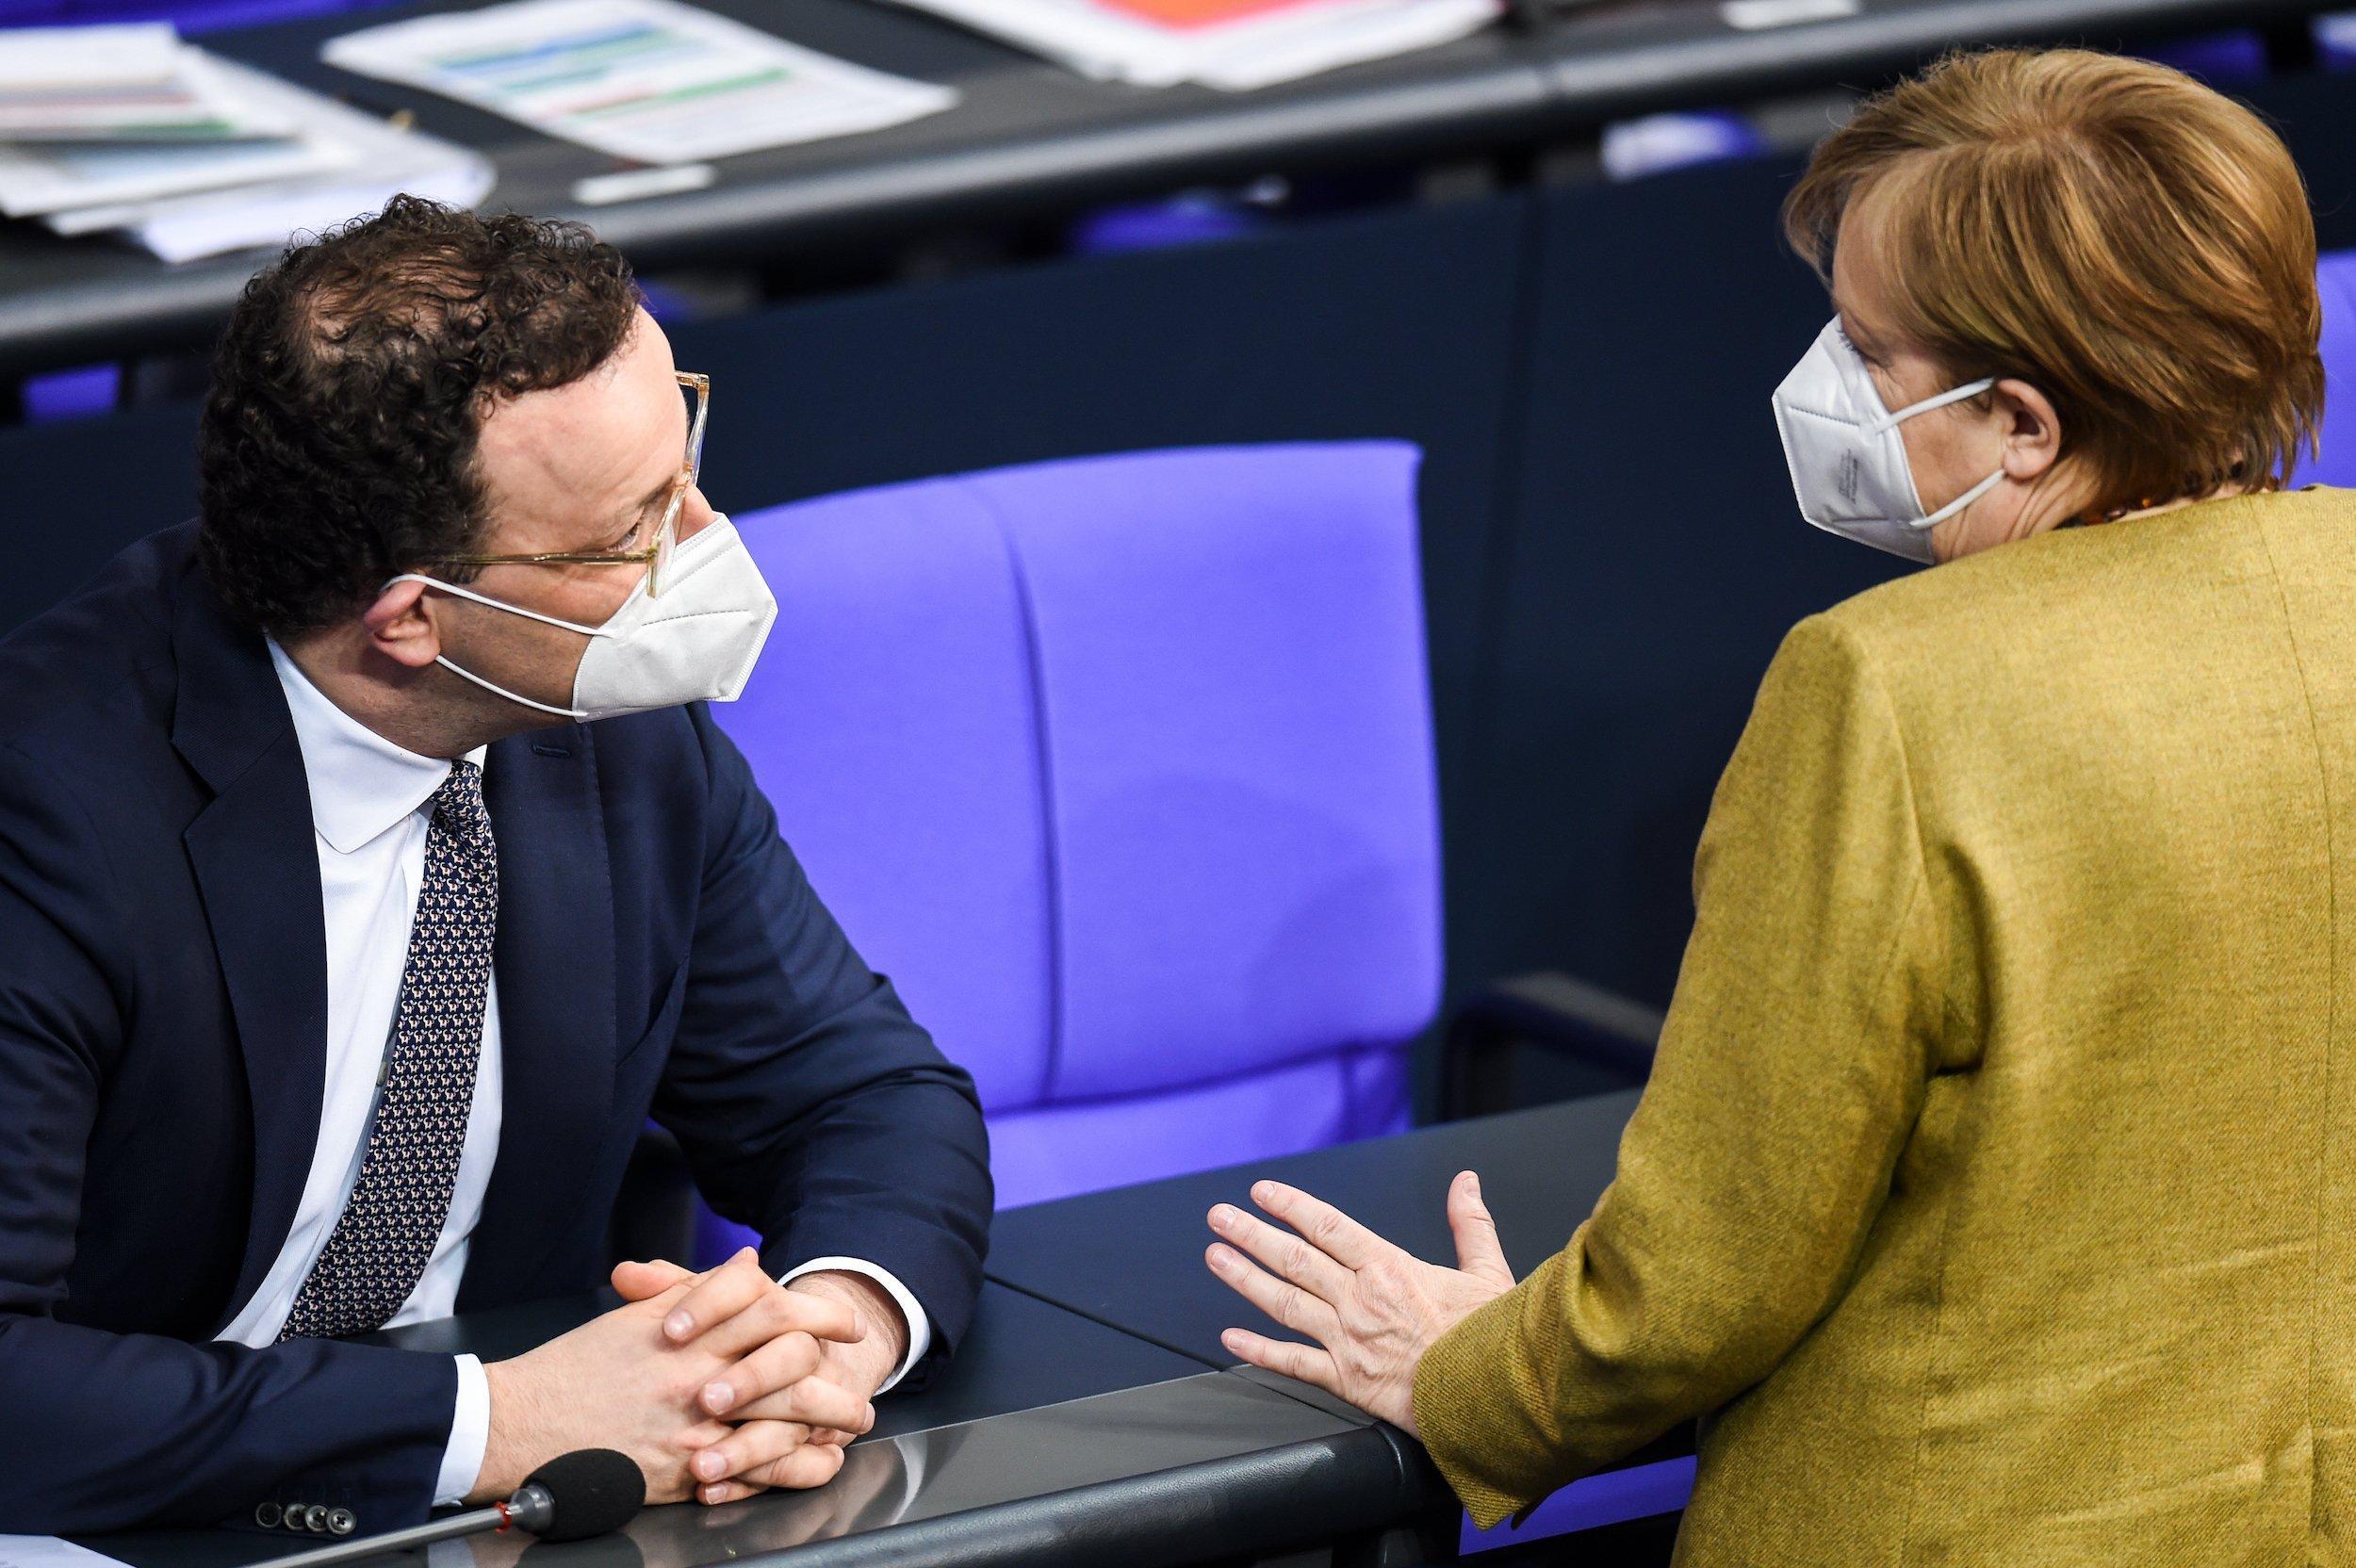 Bundeskanzlerin Angela Merkel (CDU) spricht mit Jens Spahn (CDU), Bundesgesundheitsminister, im Plenum im Deutschen Bundestag.